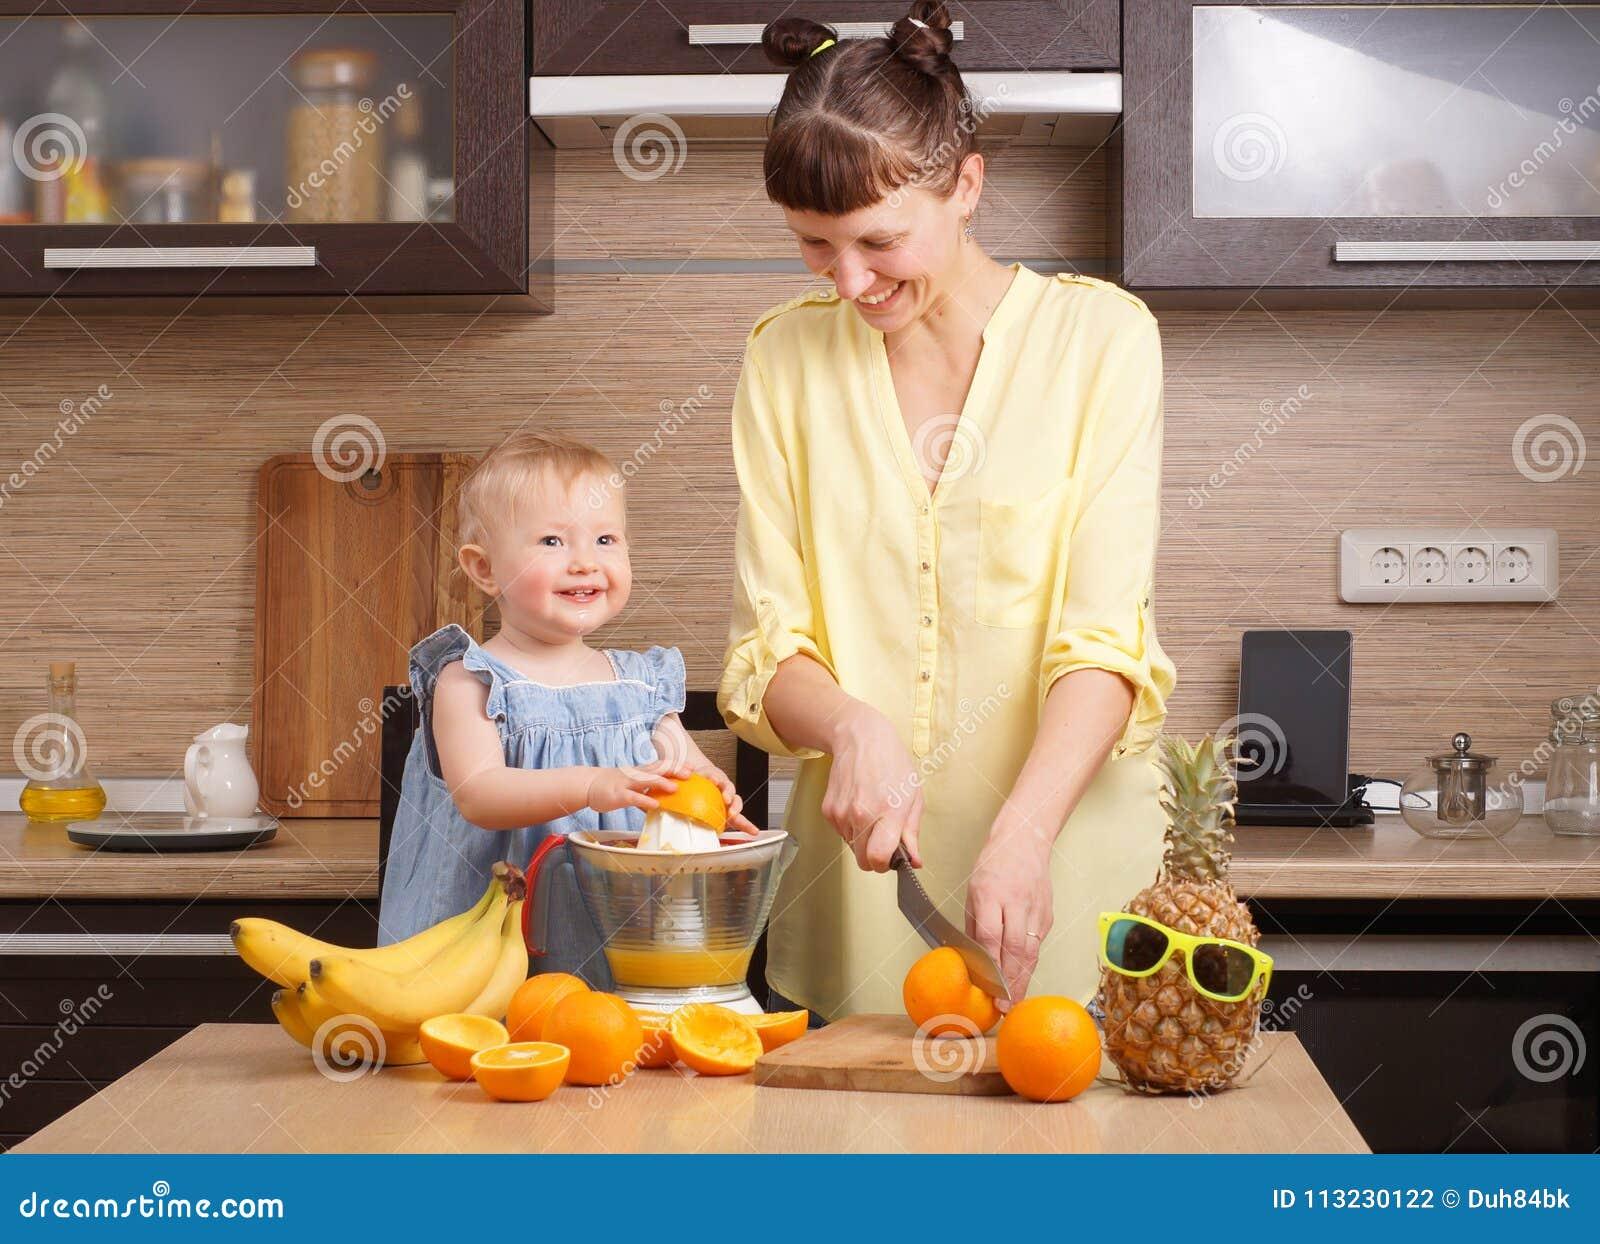 Υγιή τρόφιμα για τα παιδιά: Το Mom και η κόρη κάνουν το φρέσκο χυμό από πορτοκάλι